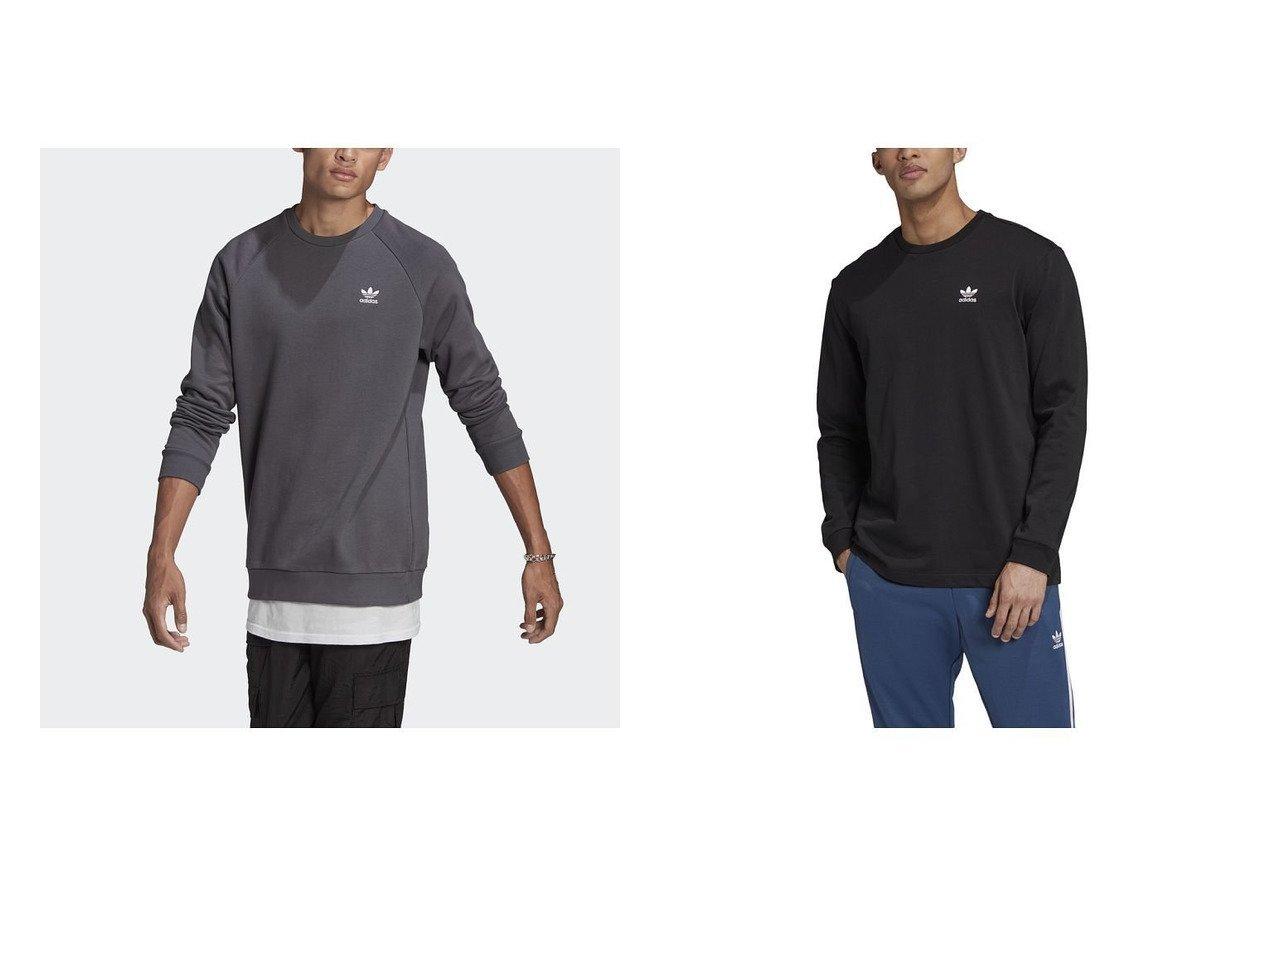 【adidas Originals / KIDS/アディダス オリジナルス】のバック&フロント プリント トレフォイル 長袖Tシャツ&【adidas Originals/アディダス オリジナルス】のESSENTIAL CREW adidasのおすすめ!人気、トレンド・レディースファッションの通販 おすすめで人気の流行・トレンド、ファッションの通販商品 メンズファッション・キッズファッション・インテリア・家具・レディースファッション・服の通販 founy(ファニー) https://founy.com/ ファッション Fashion レディースファッション WOMEN トップス Tops Tshirt パーカ Sweats スウェット Sweat キッズファッション KIDS トップス Tops Tees Kids シンプル スリーブ フィット フレンチ モダン レギュラー ロング ジャージー フロント プリント 長袖 |ID:crp329100000018235